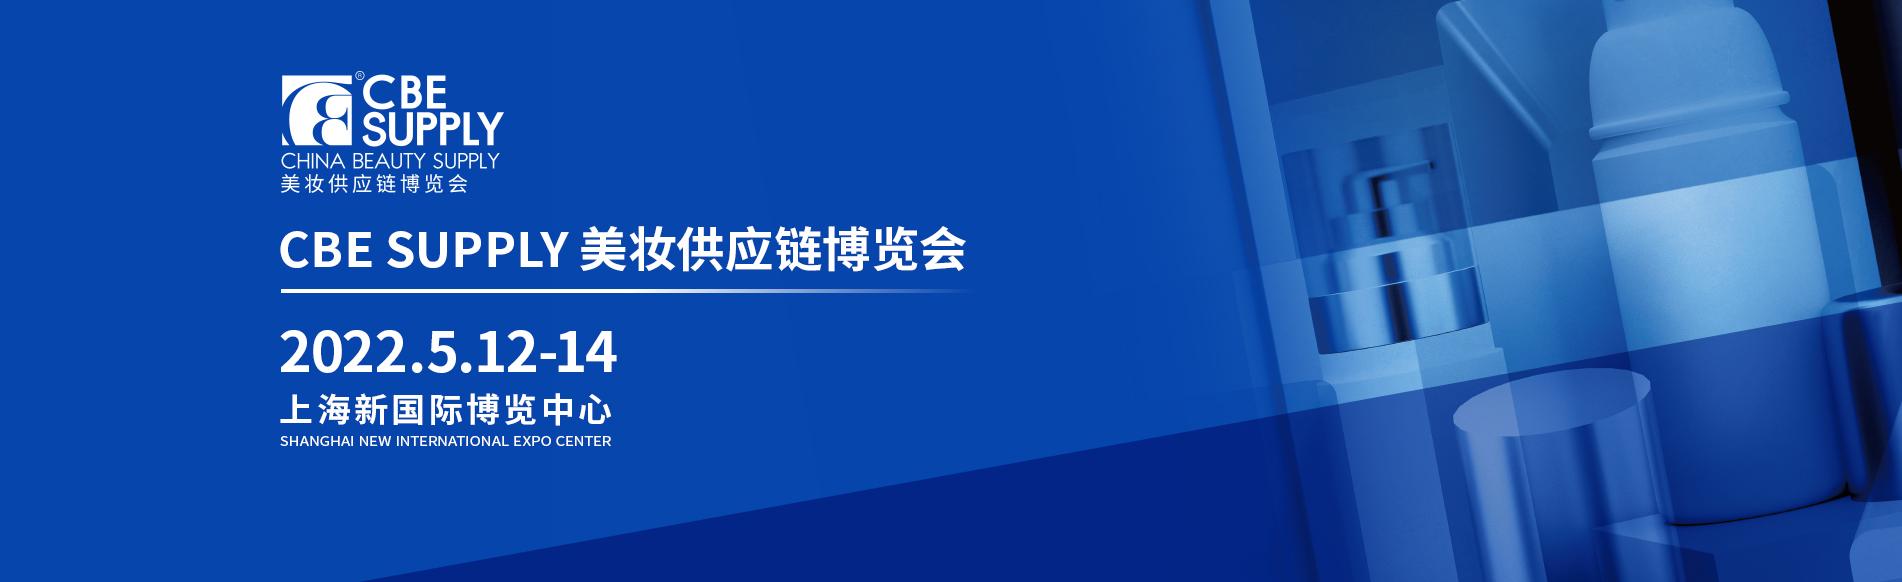 2021上海美博会时间